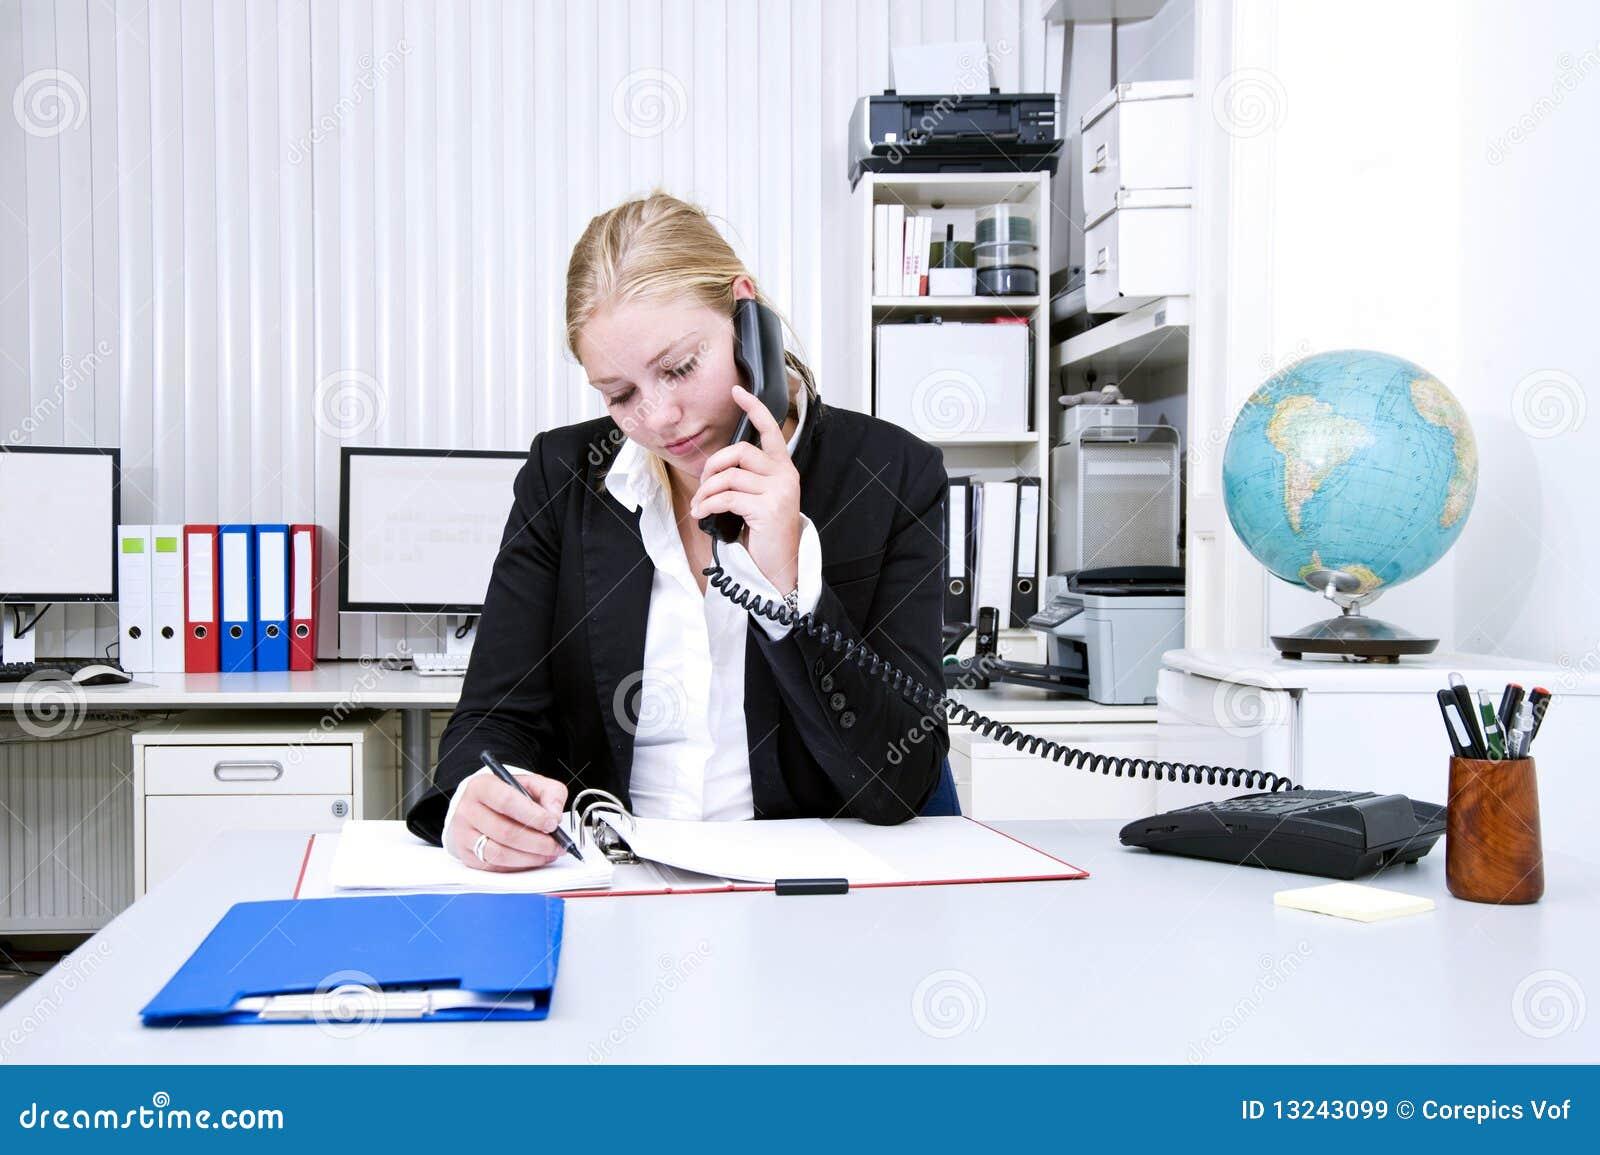 Lavoro In Ufficio Vignette : Immagini di lavoro d ufficio stanza del lavoro d ufficio